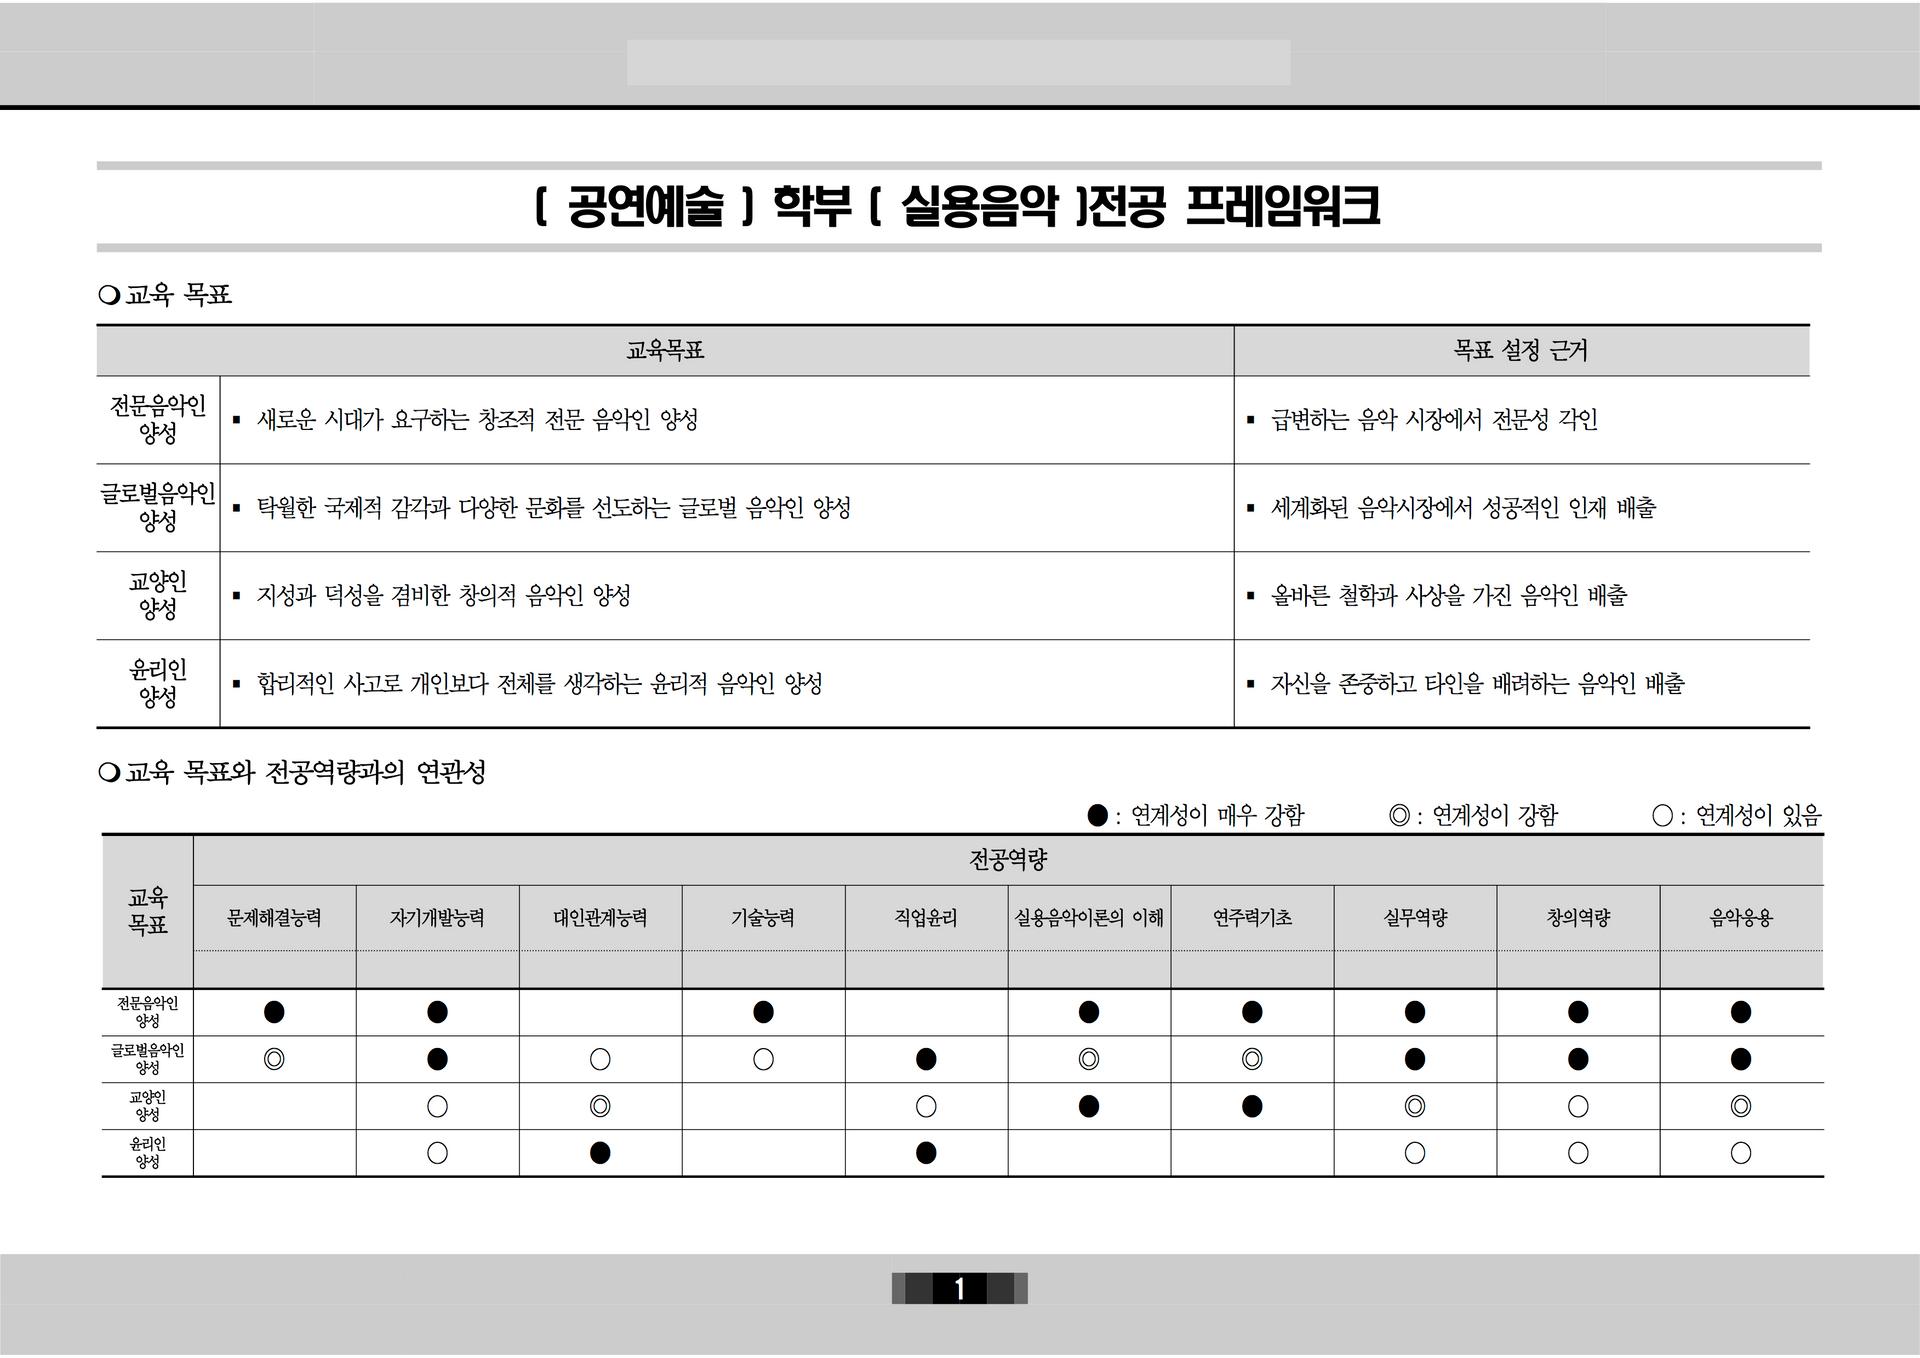 [공연예술학부 2020] 전공 프레임워크1.png